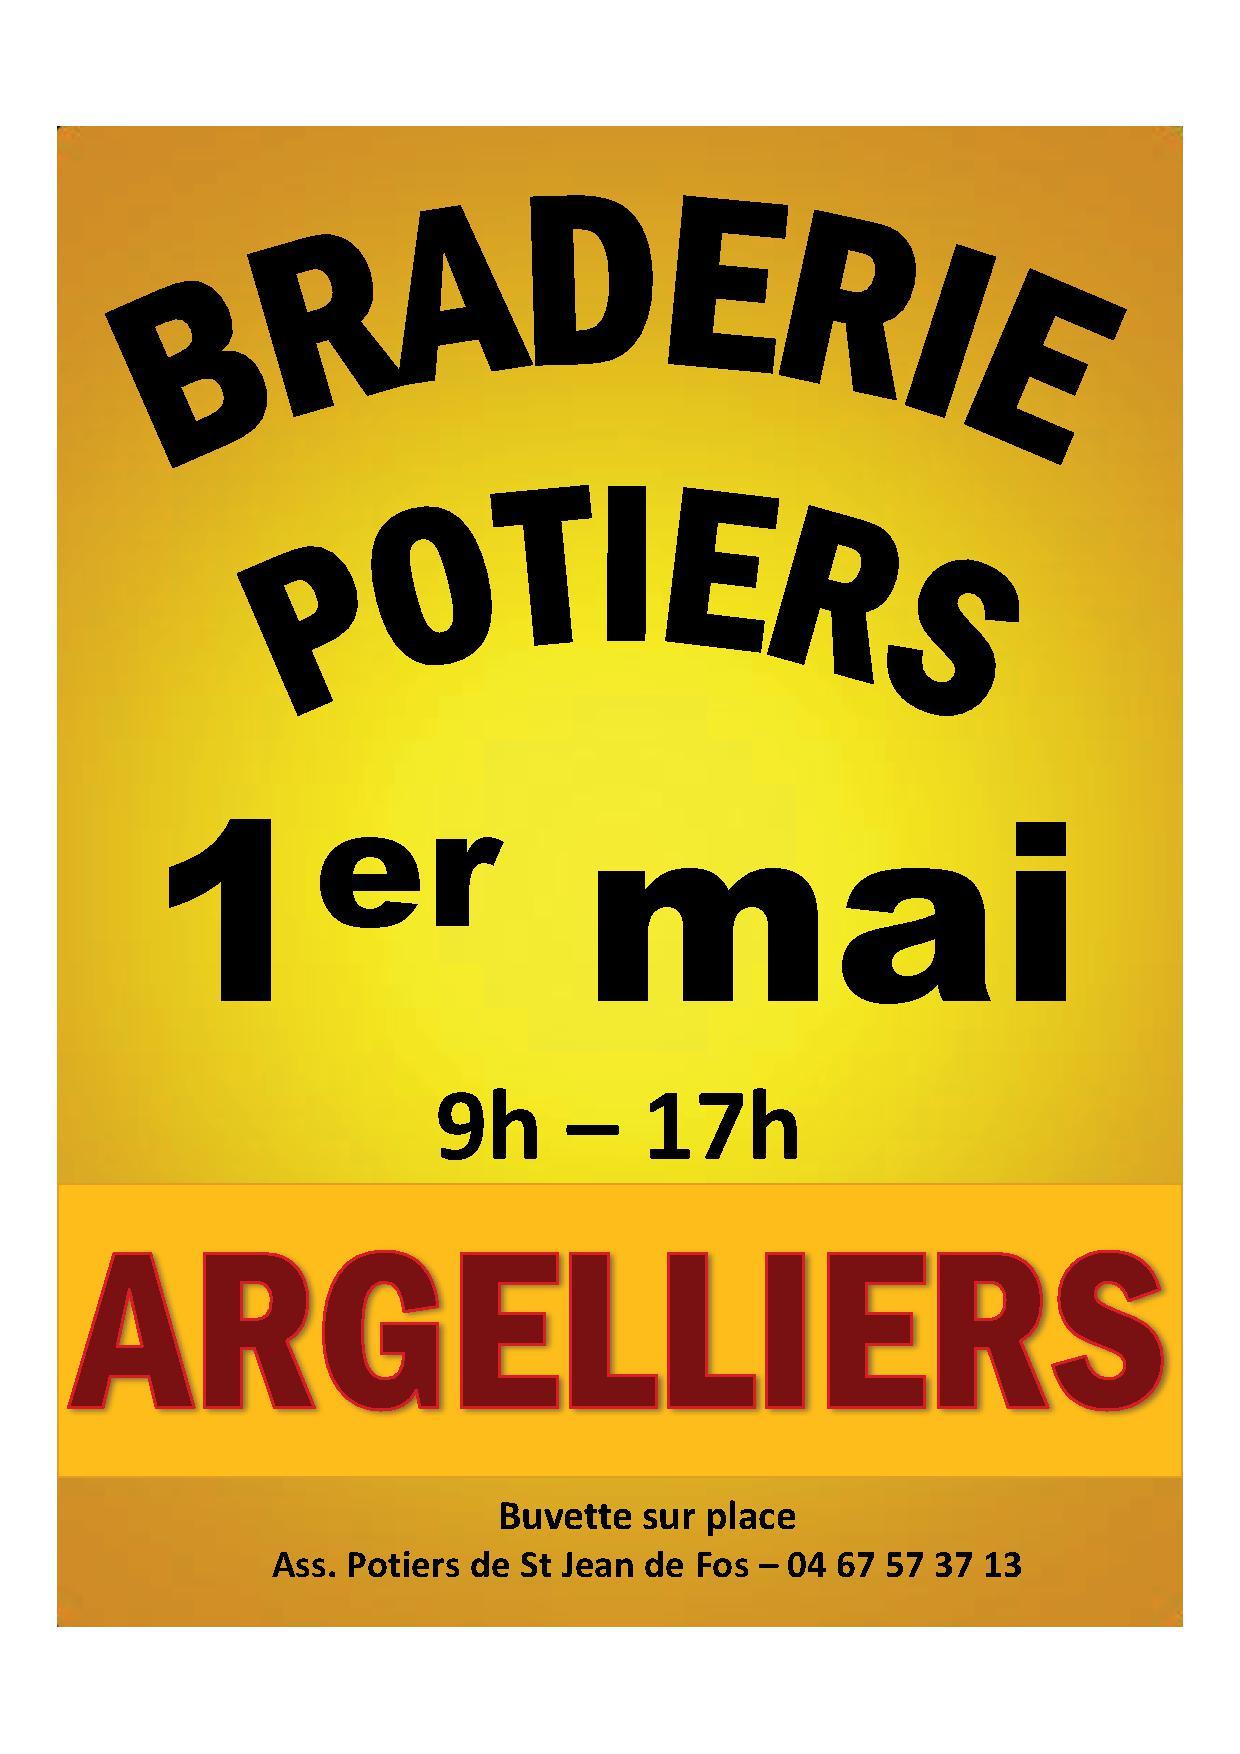 Braderie des potiers – Argelliers – 1er mai 2015